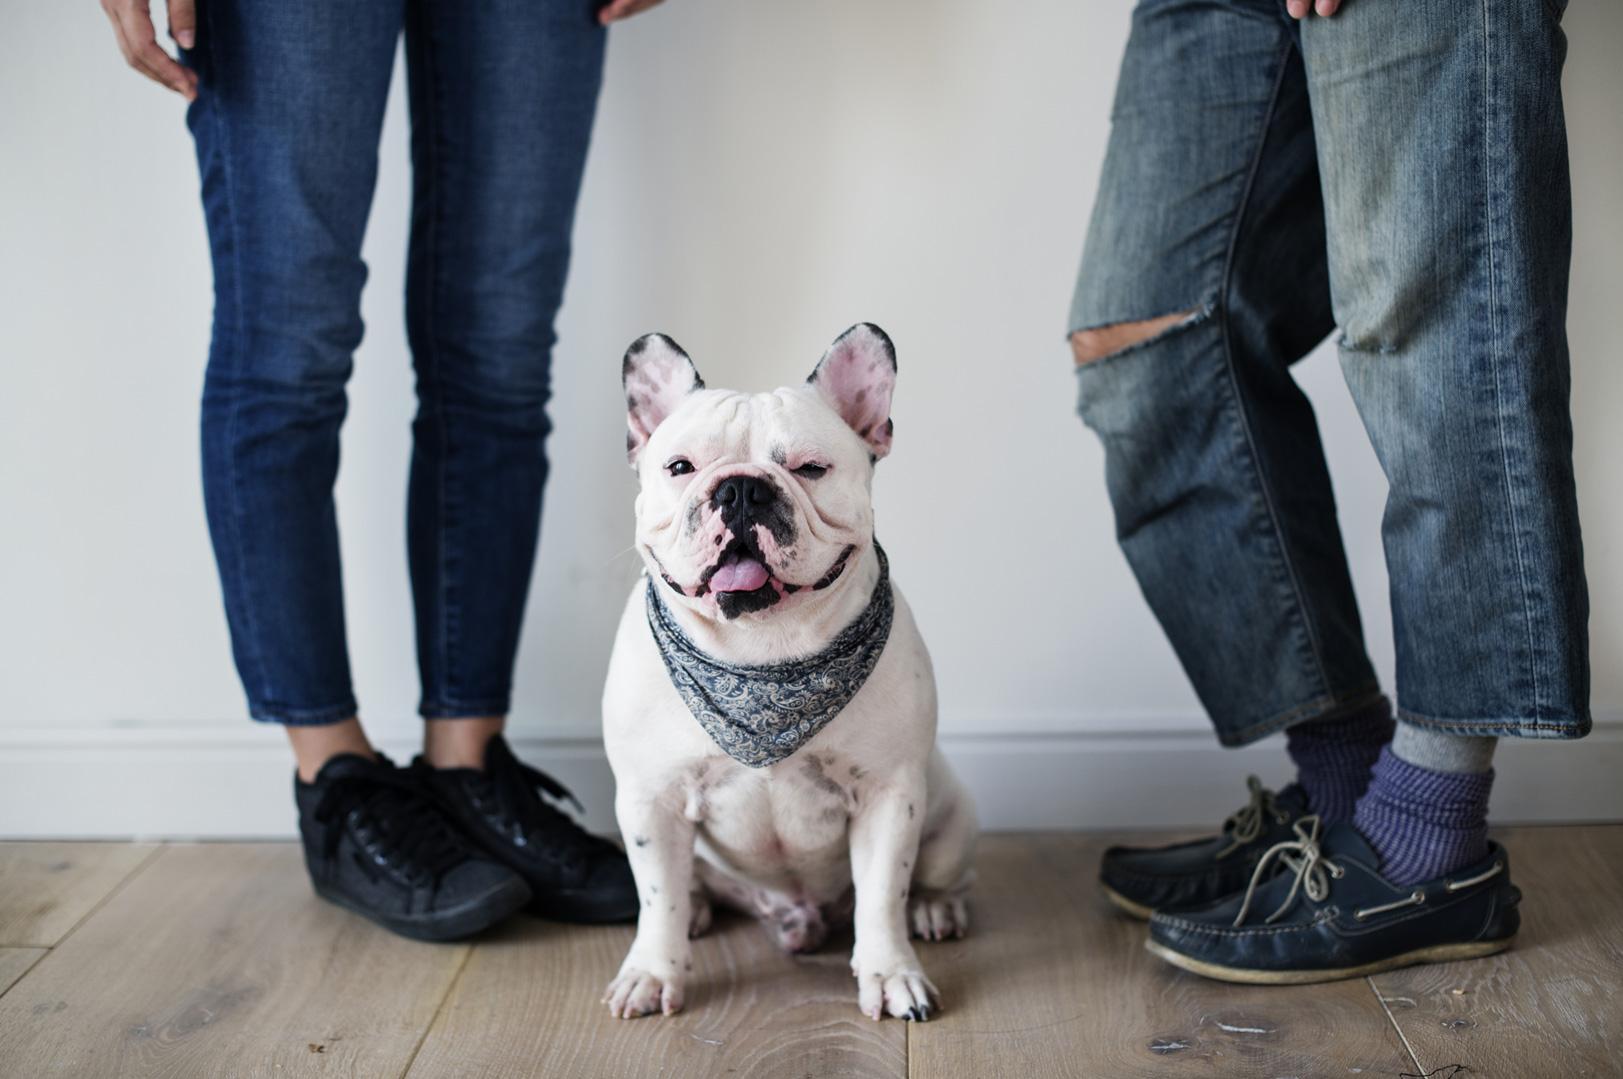 Mit dem Hund reden - Französische Bulldogge braucht Zuwendung